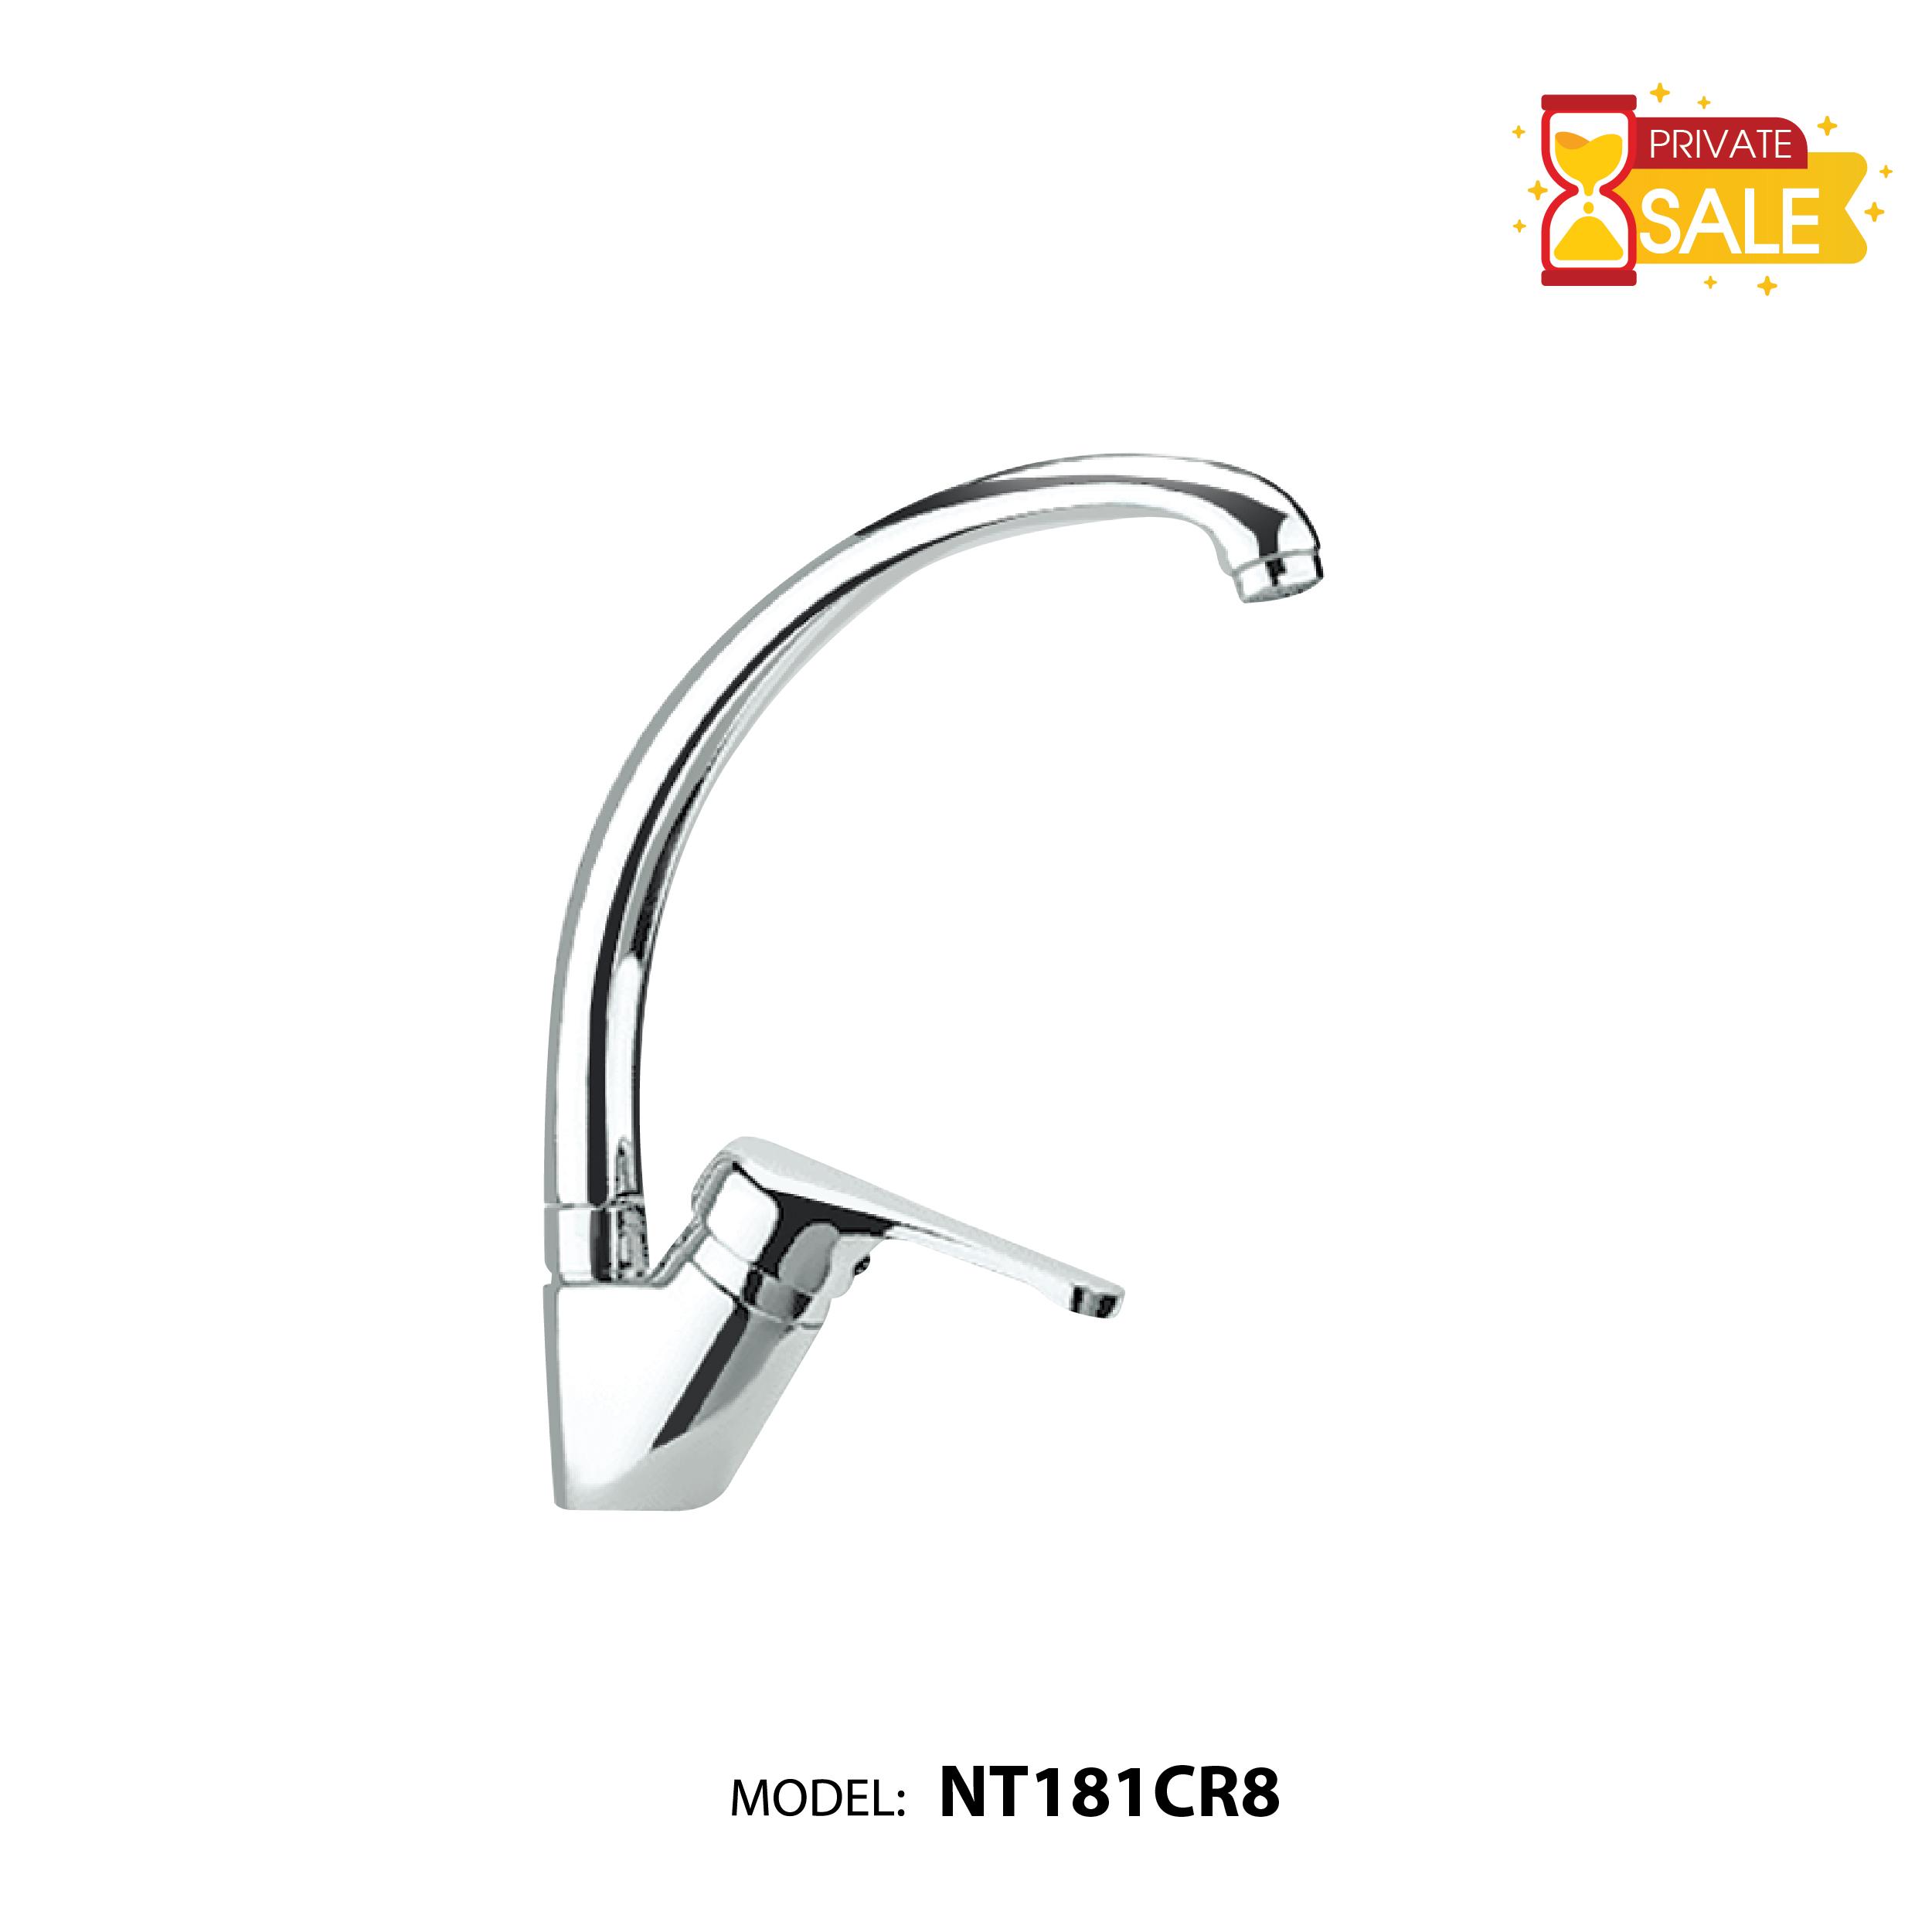 VÒI CHẬU NÓNG LẠNH PAFFONI NT181CR8 (Vòi lavabo model: NT181CR8)